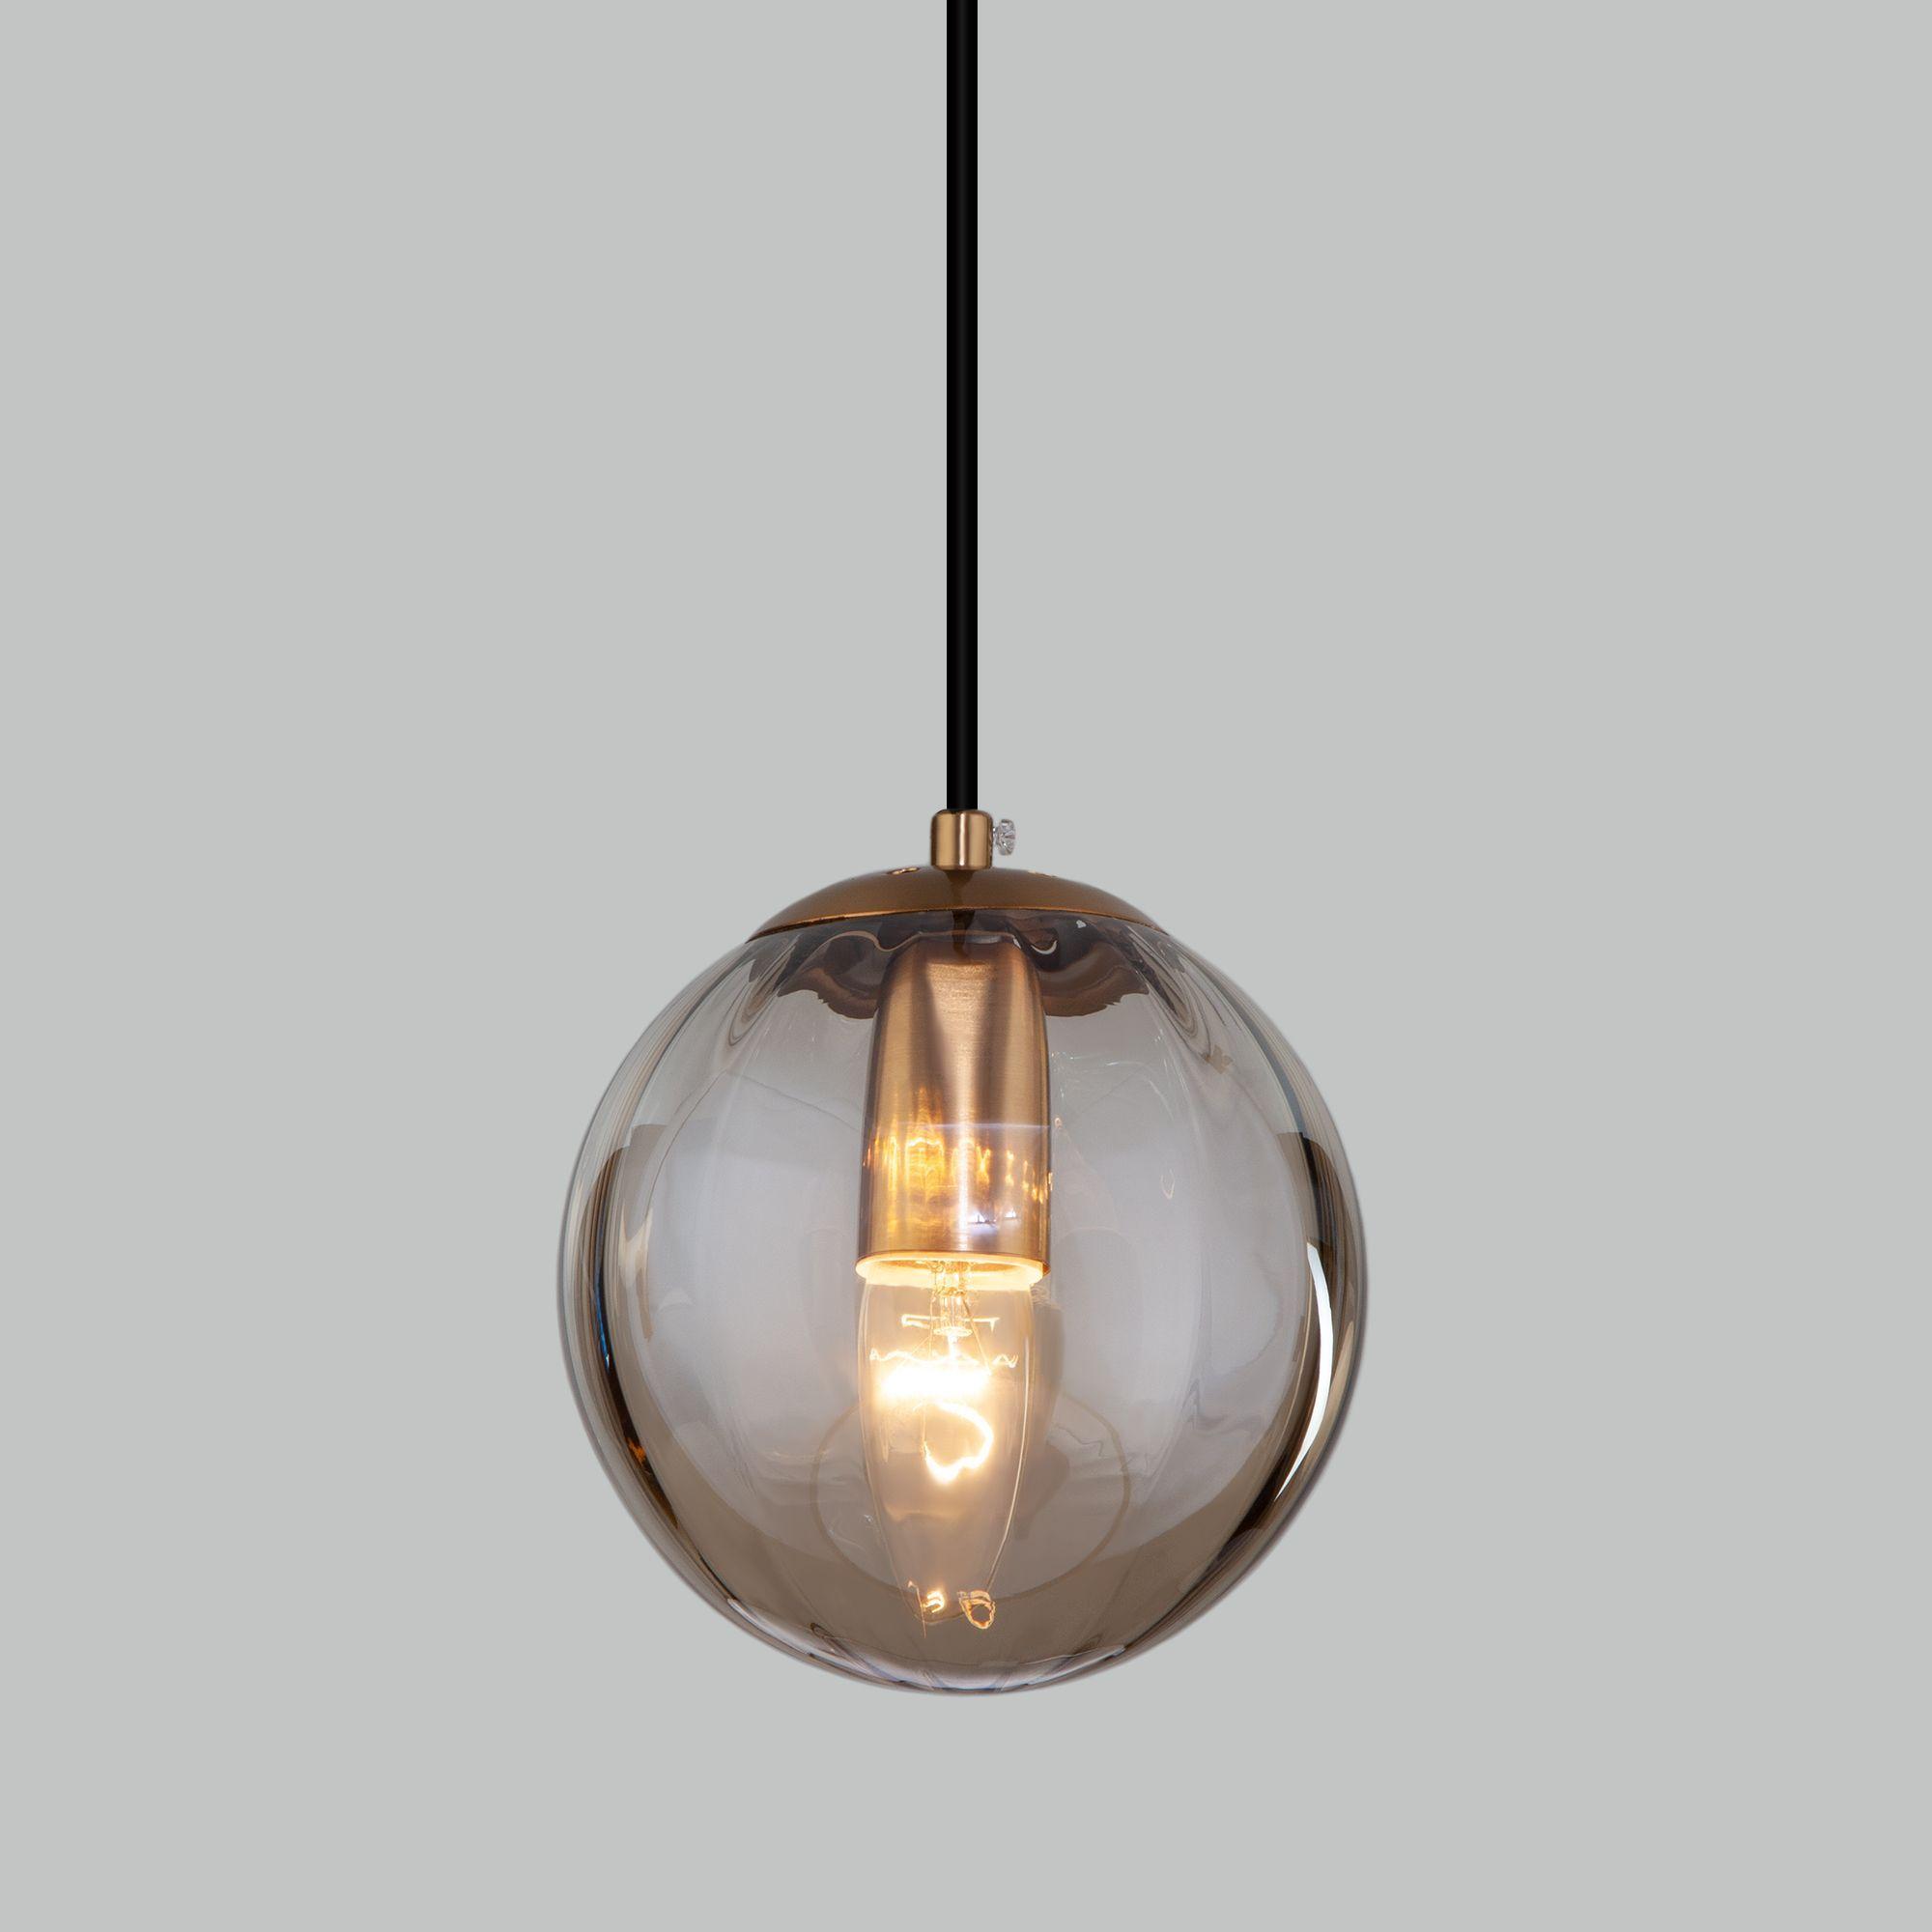 Подвесной светильник со стеклянным плафоном 50207/1 янтарный